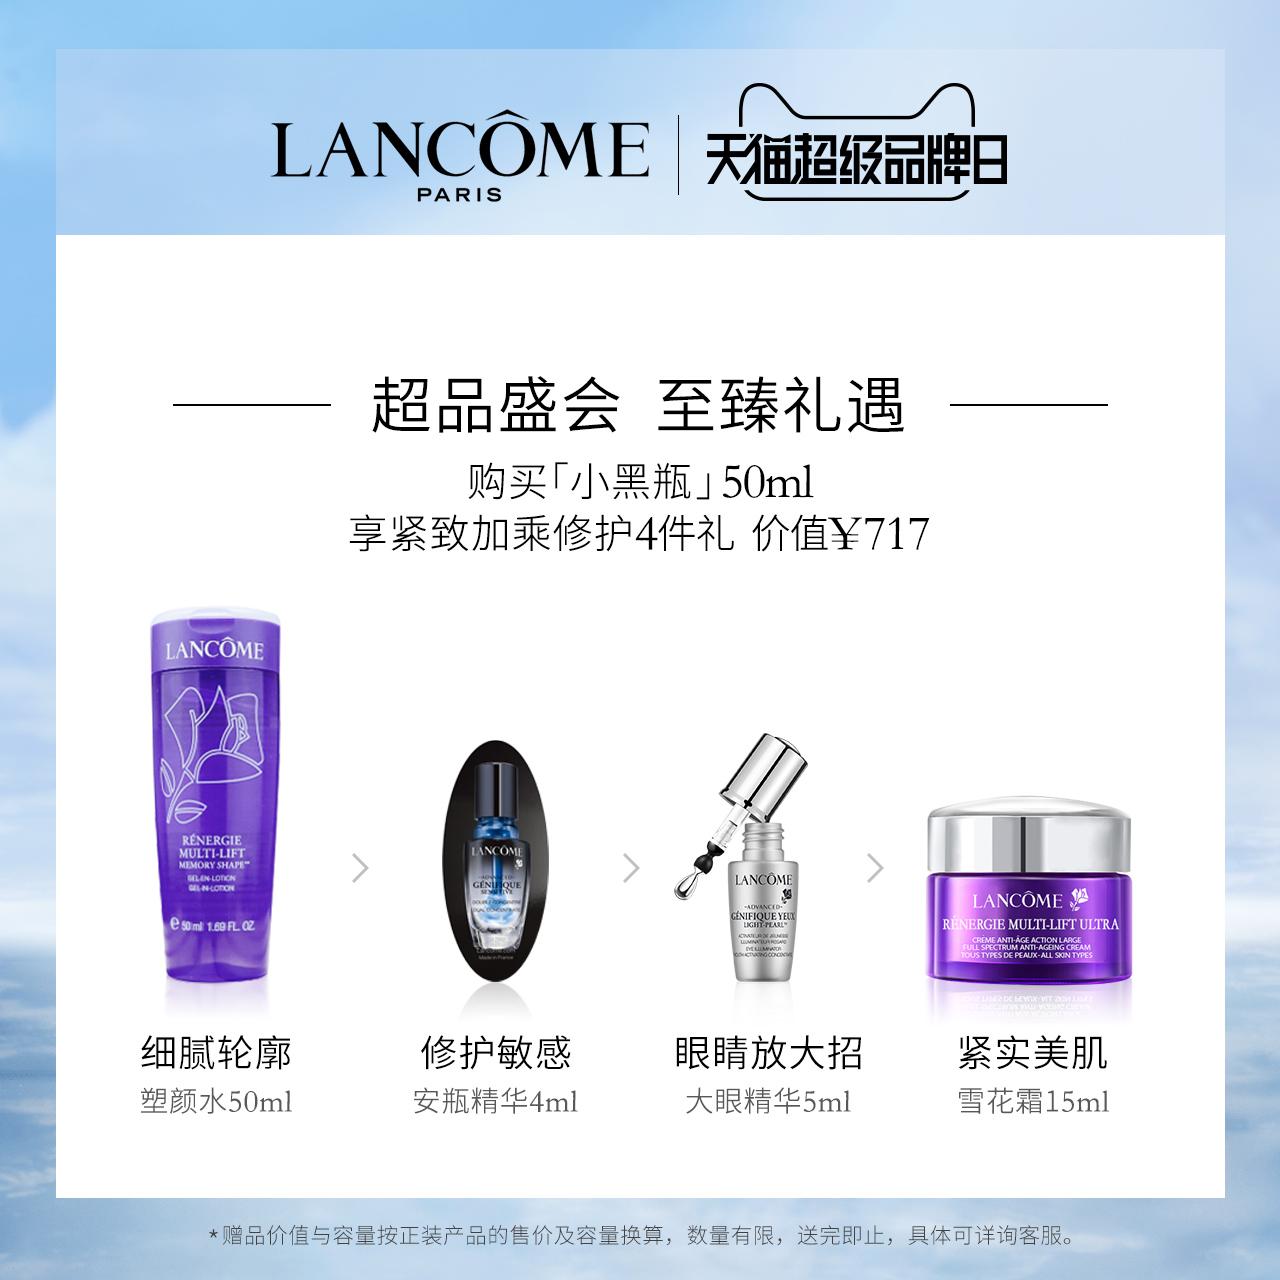 补水保湿修护肌肤 30ml 兰蔻小黑瓶面部精华肌底液 预售 超品